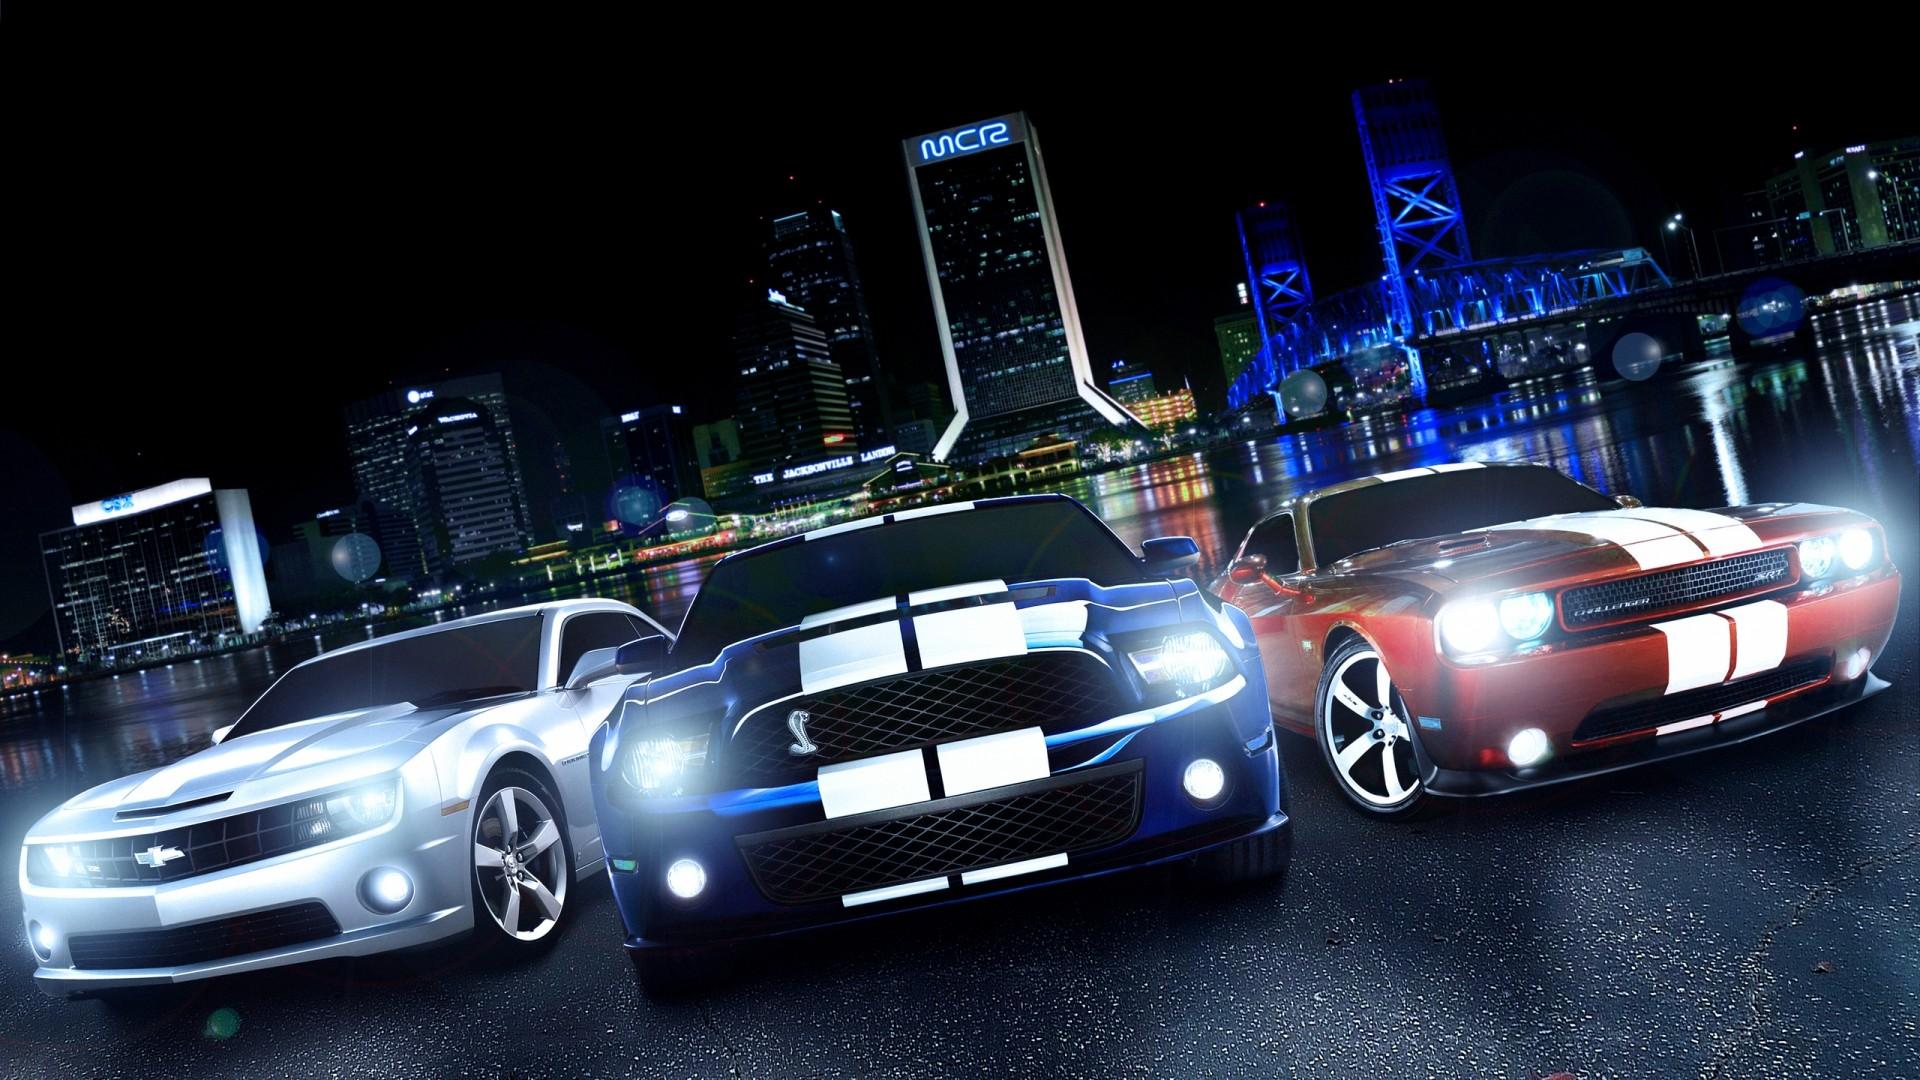 Car Desktop Backgrounds 66 Images